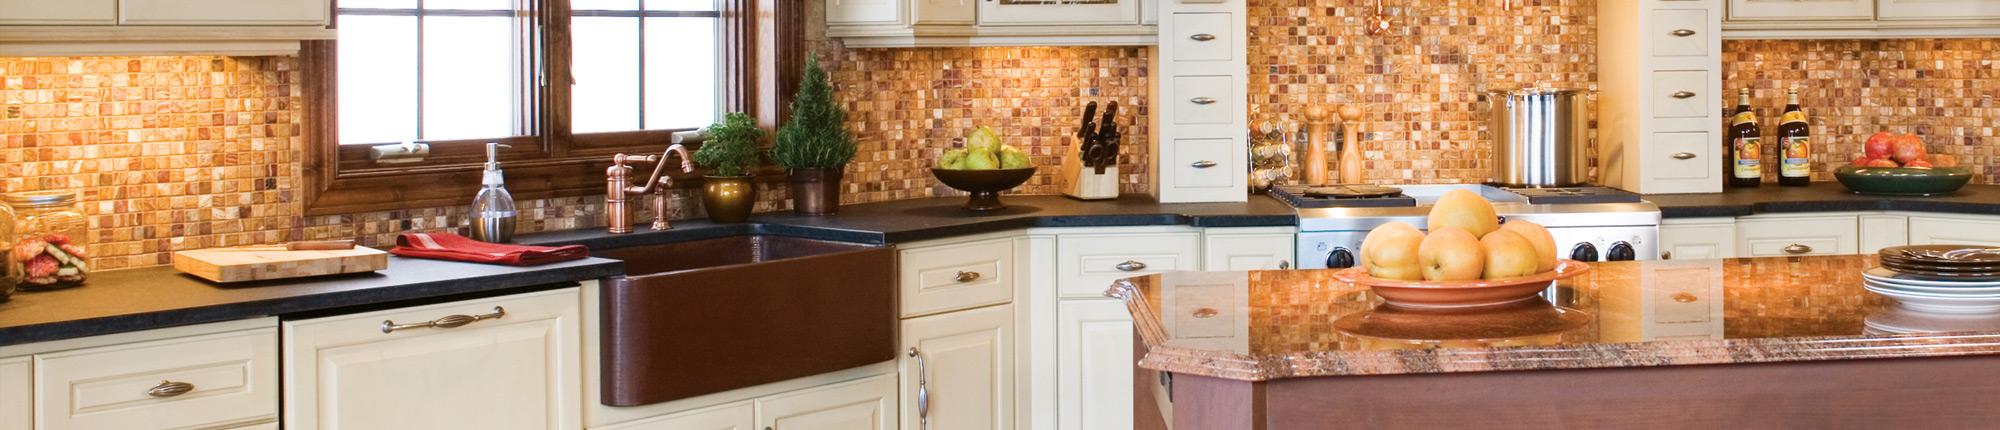 Custom Bathroom Kitchen Designs In Utica Ny Fahy 39 S Of Central Ny